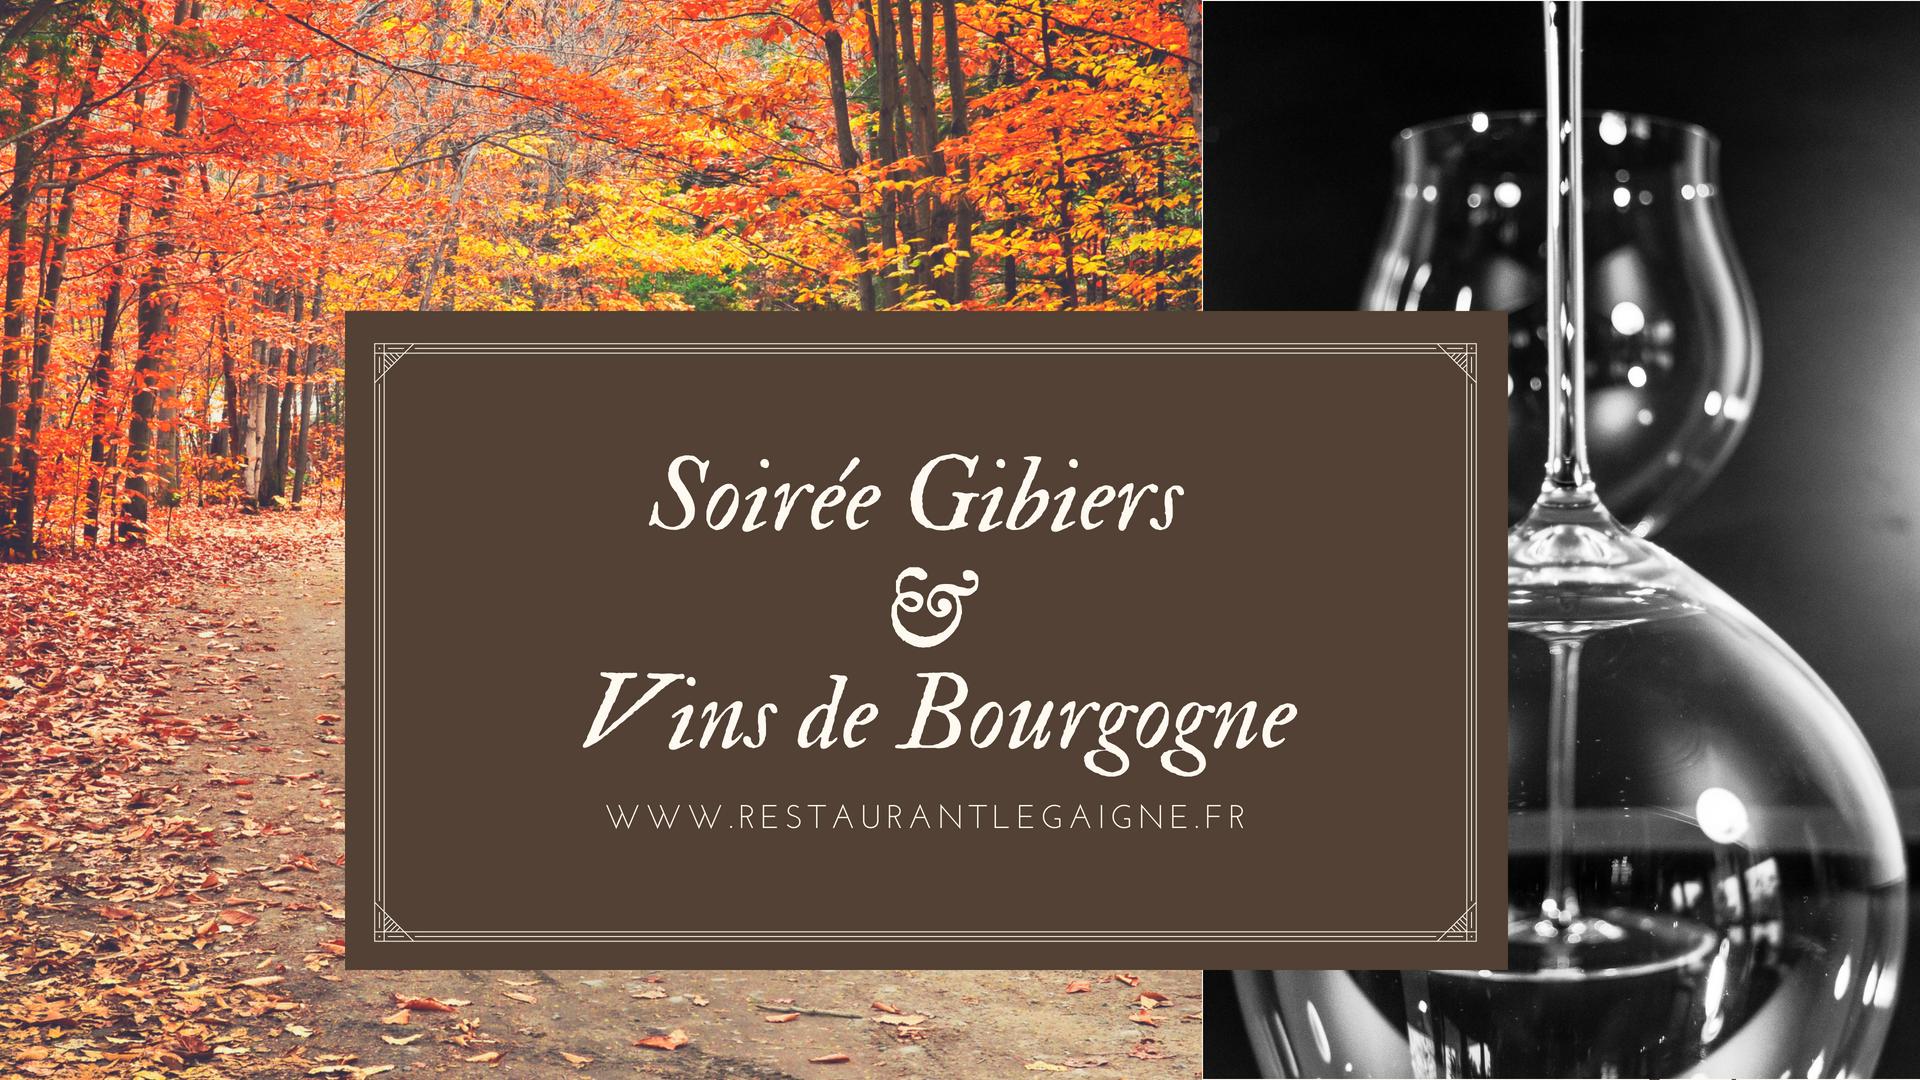 Soirée Gibiers & Vins de Bourgogne